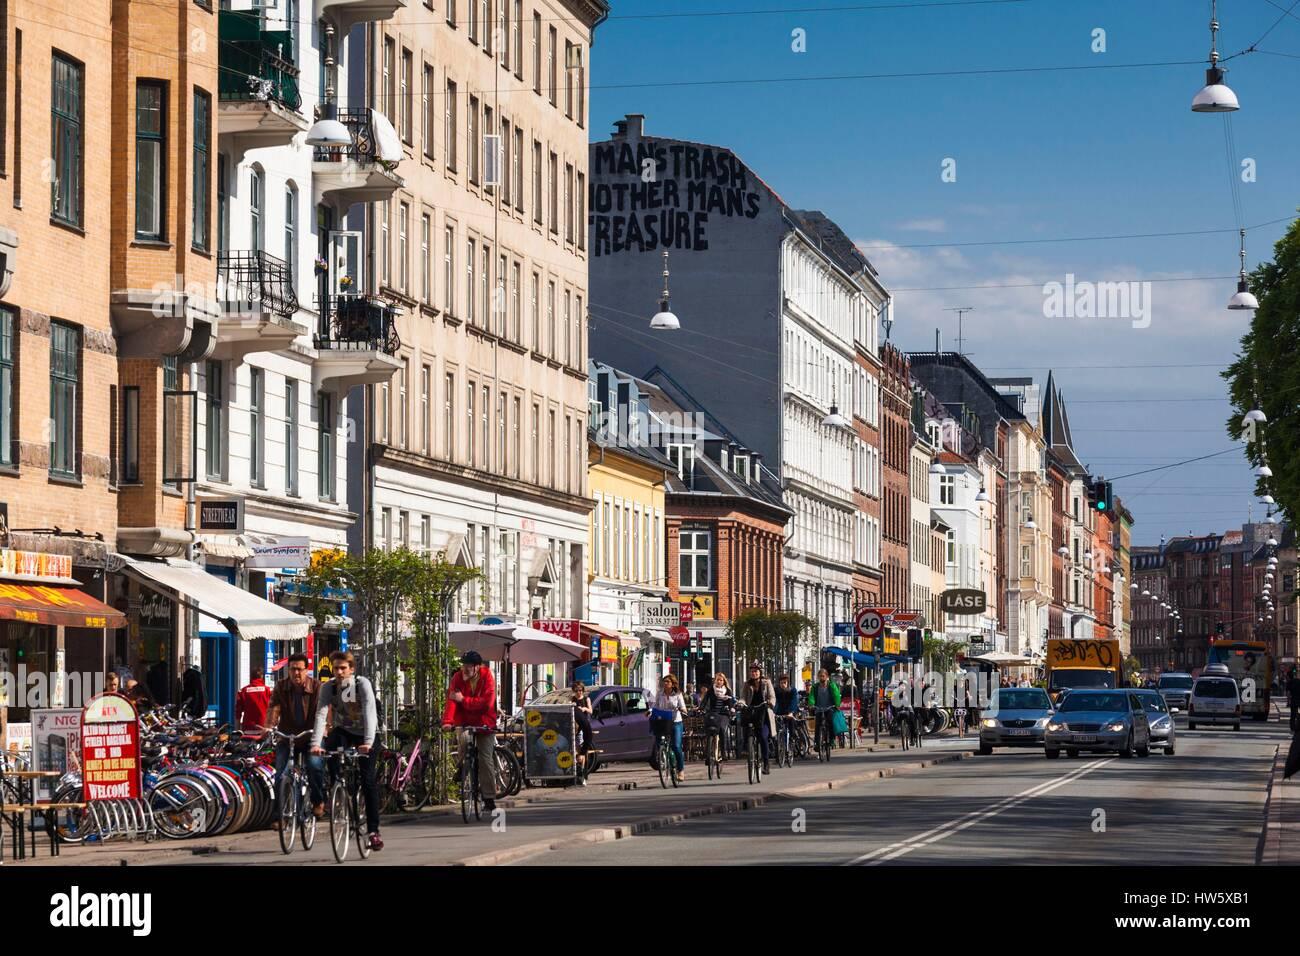 Denmark, Zealand, Copenhagen, Norrebro, Norrebrogade street - Stock Image